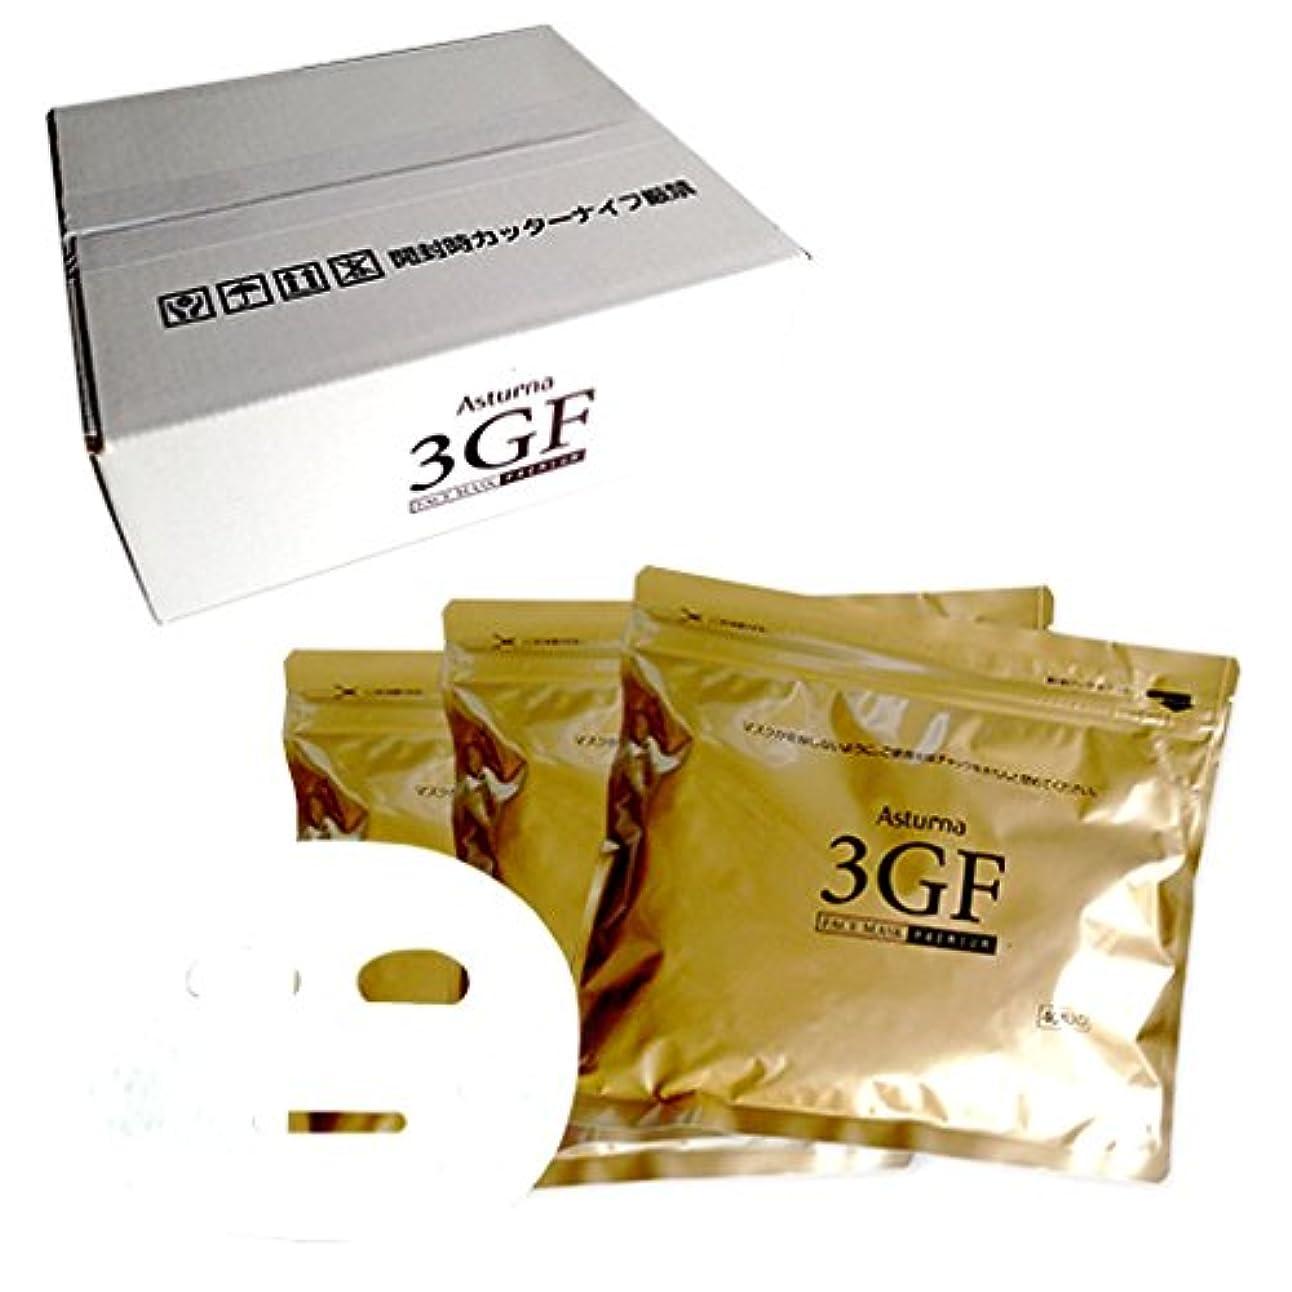 報告書誘う警告【まとめ買い】アスターナ 3GF フェイスマスク プレミアム 120枚入(40枚入×3袋)